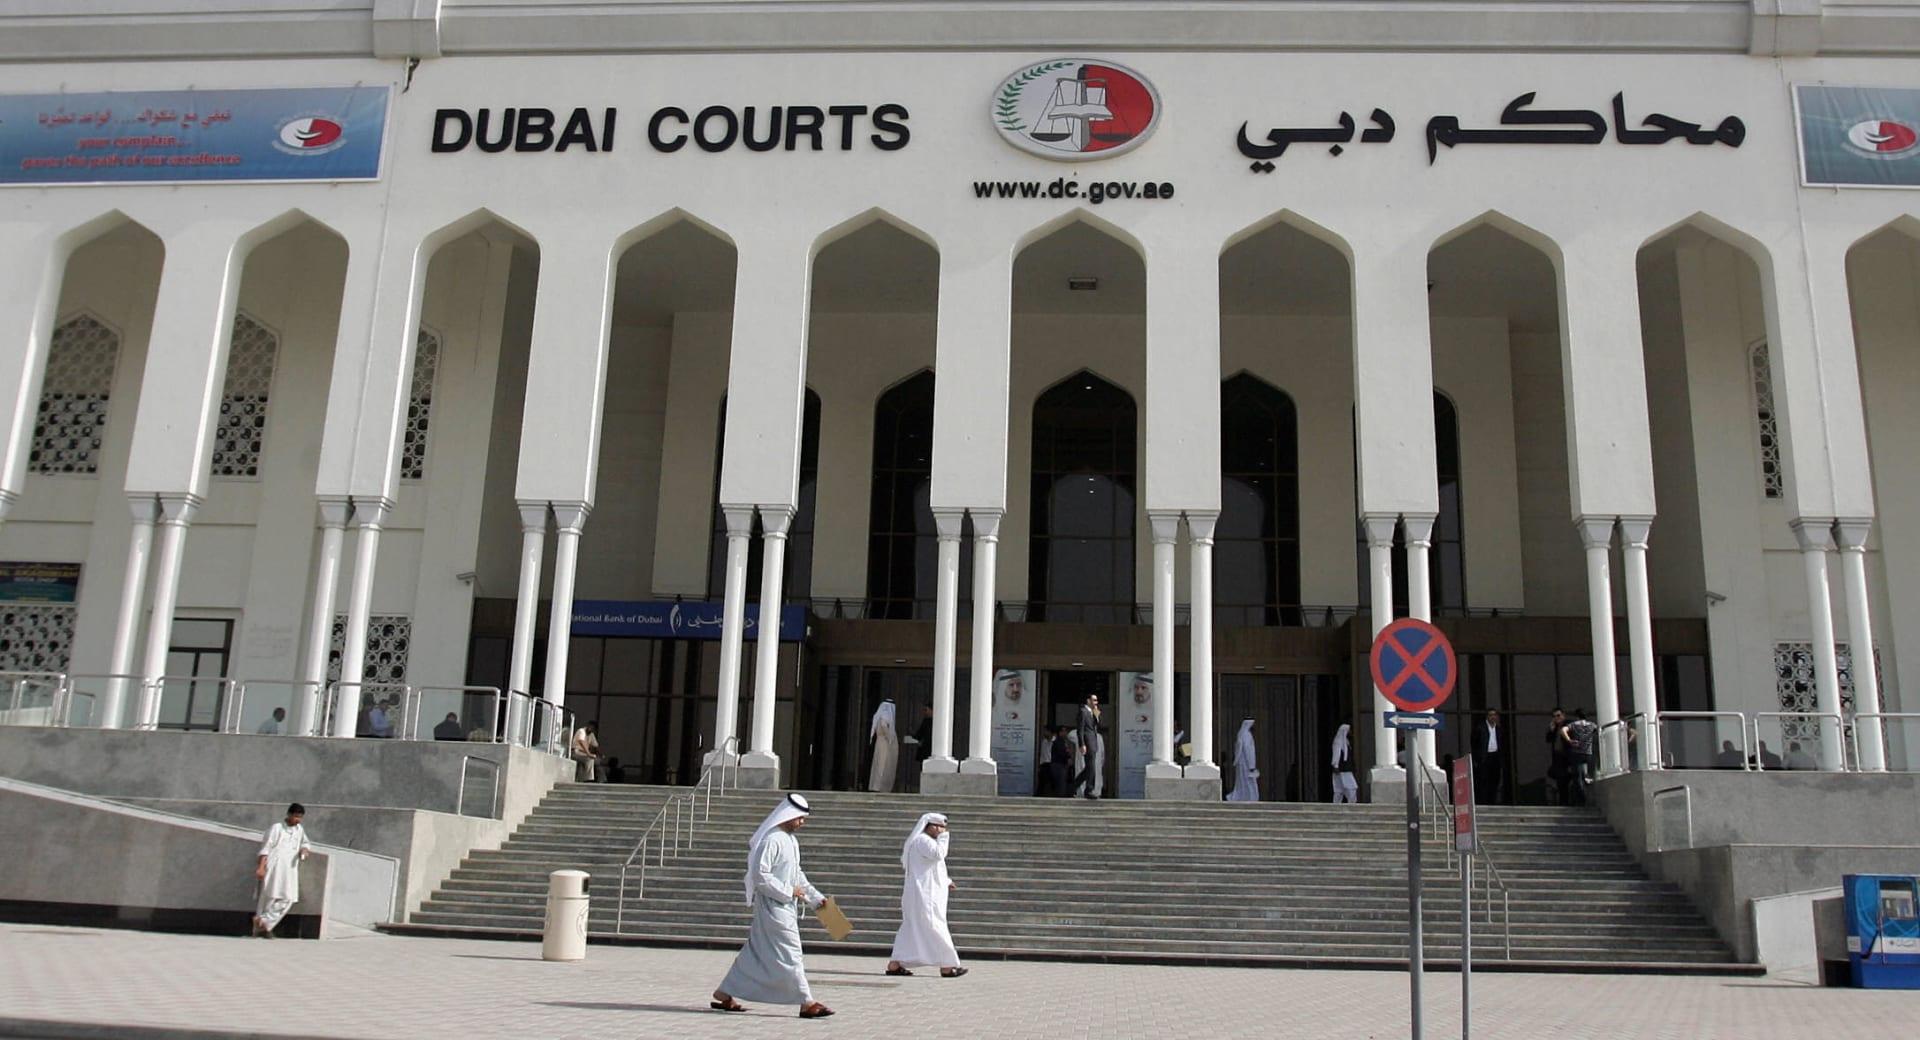 رأي.. حبيب الملا يكتب لـCNN عن التعديلات الجذرية على قوانين الحرية الشخصية في الإمارات